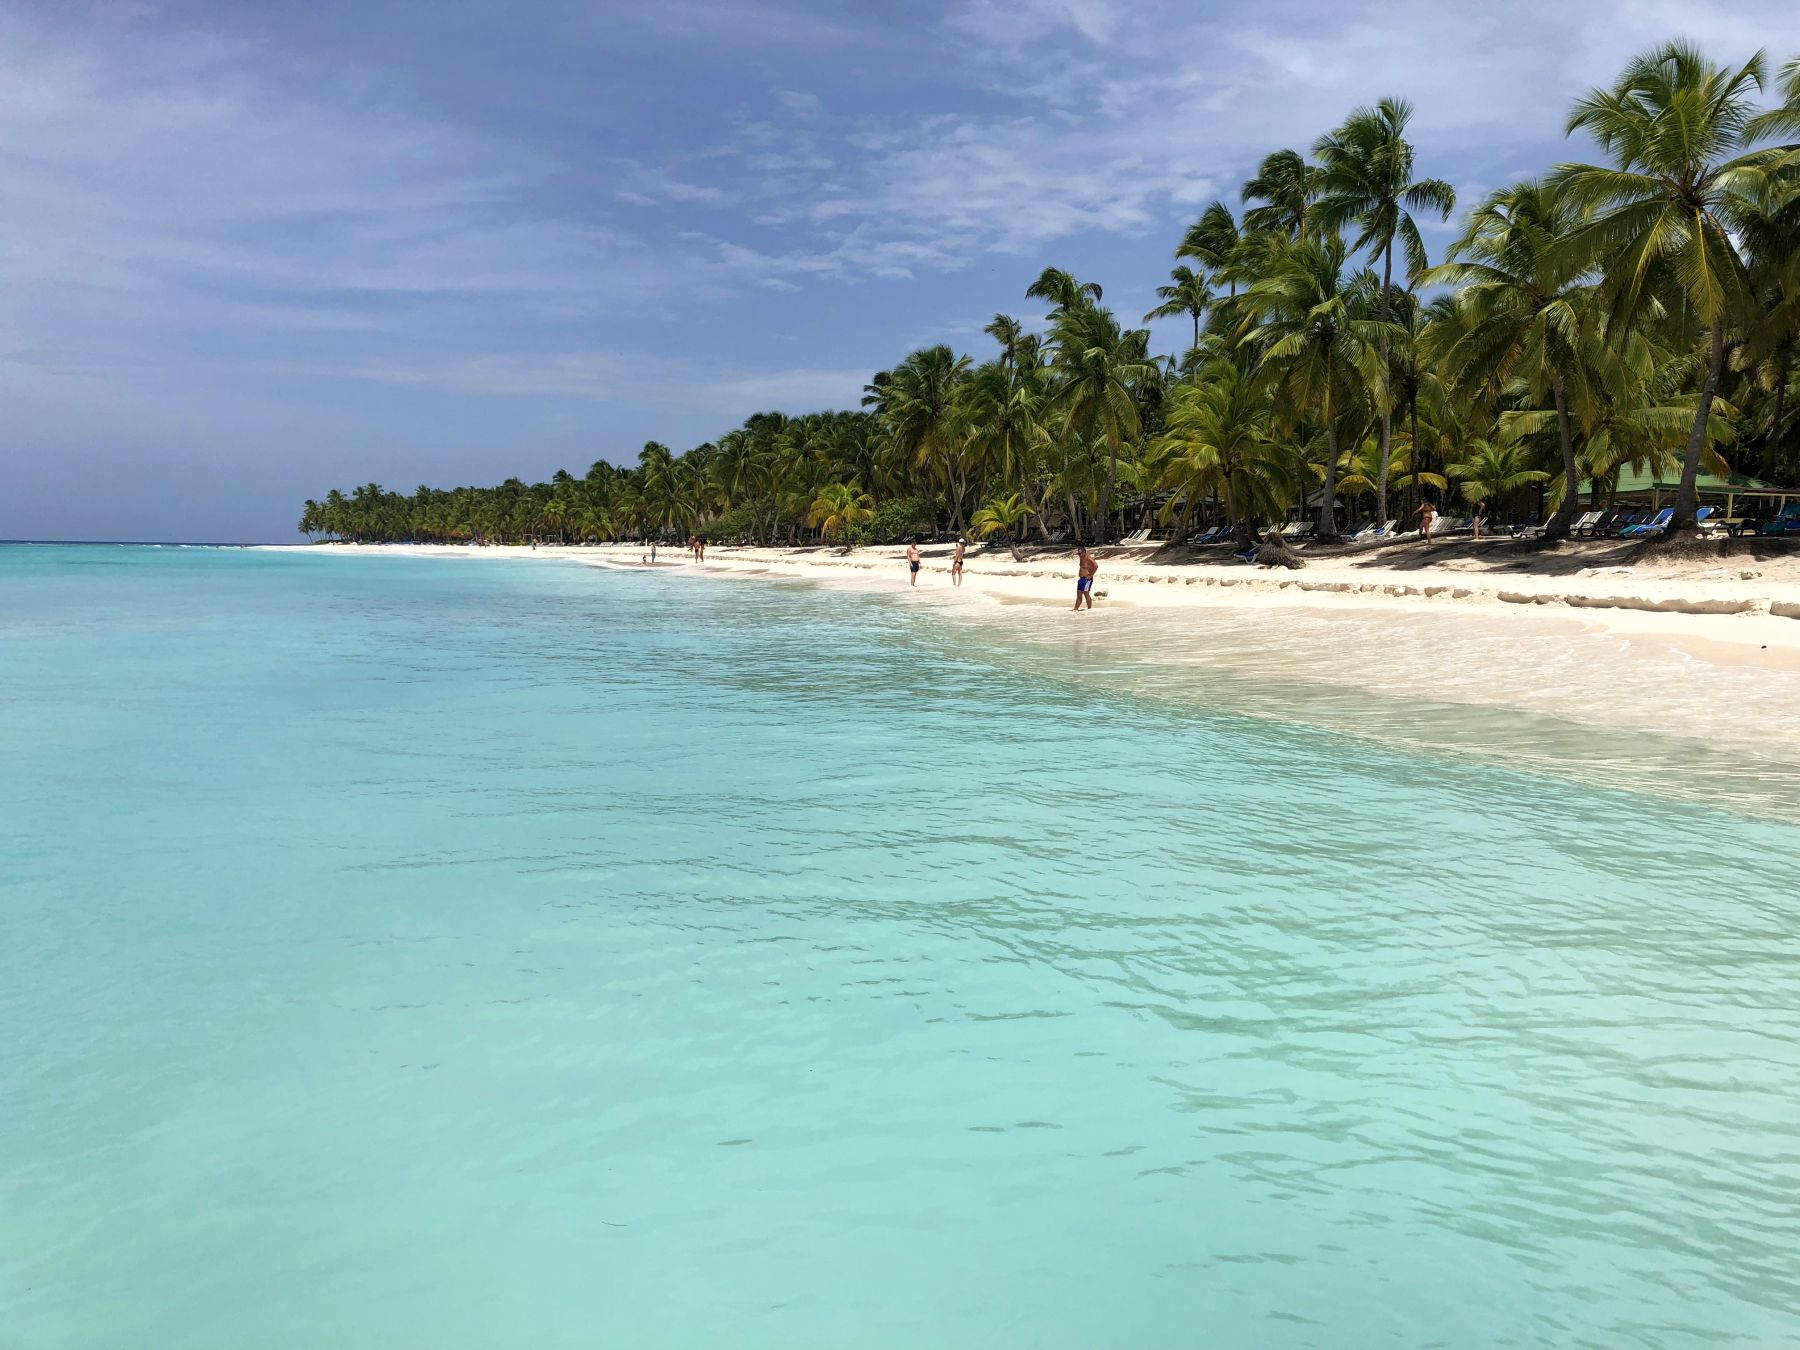 Доминикана в сентябре погода, туры и лучшие курорты 1